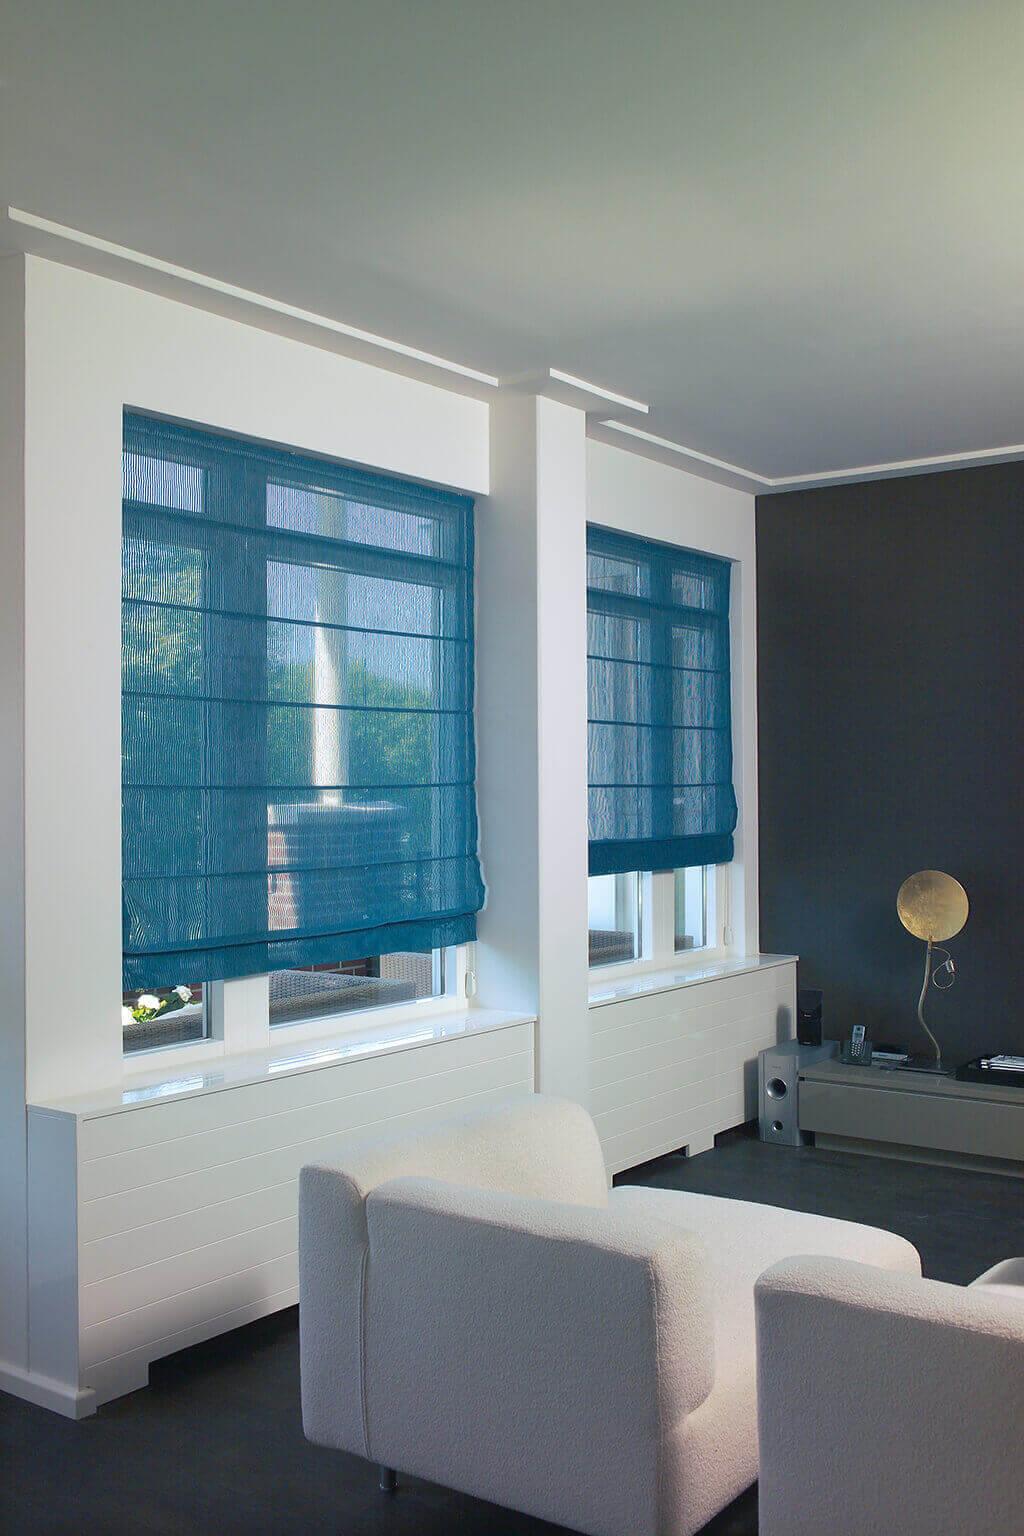 Blaues, lichtdurchlässiges Faltrollo an Fenstern im Wohnzimmer mit Blick auf die Terrasse